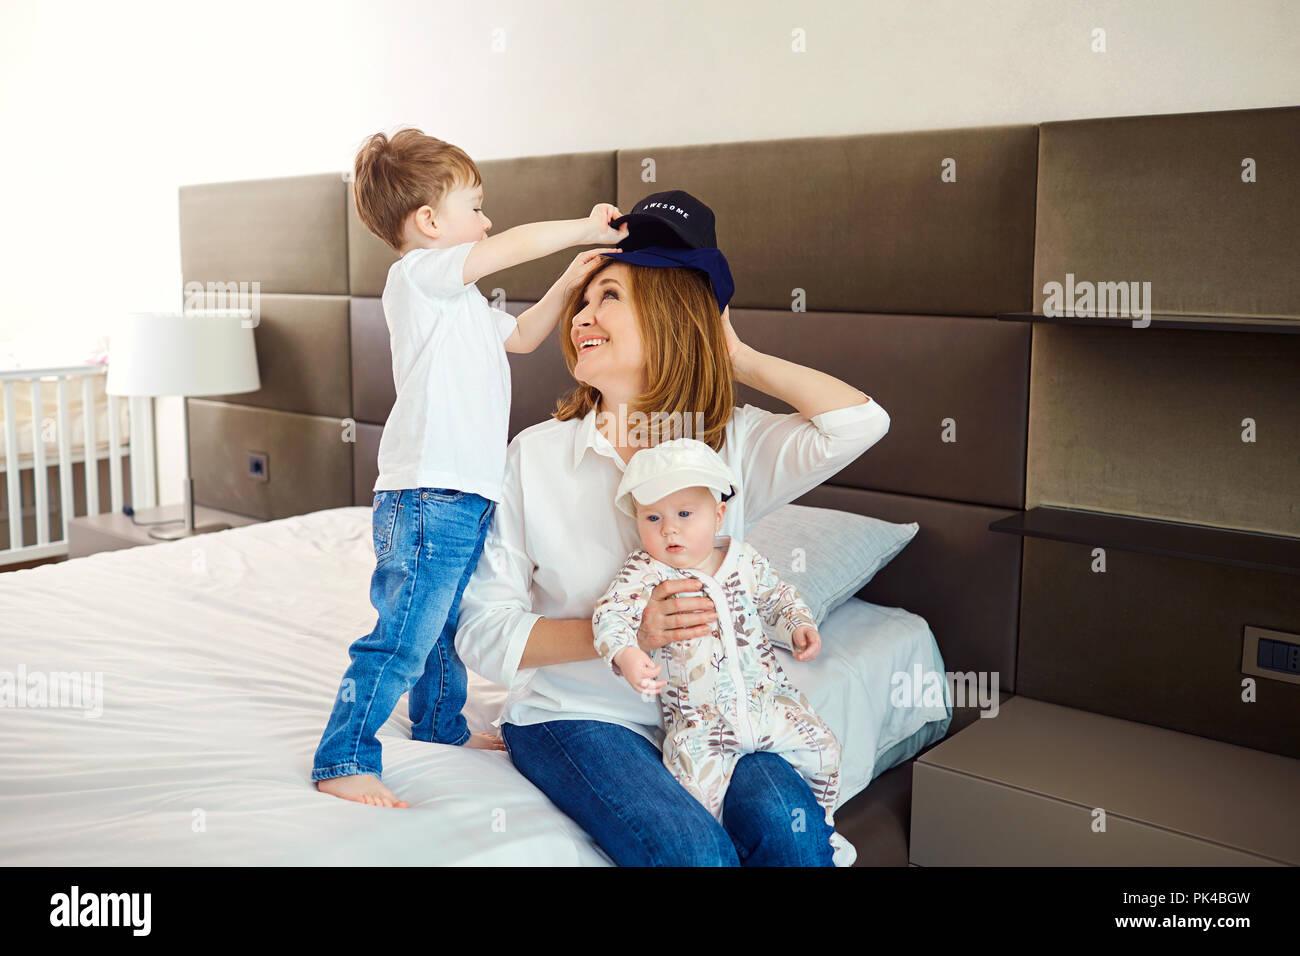 Abuela con sus nietos en la cama en la habitación. Imagen De Stock